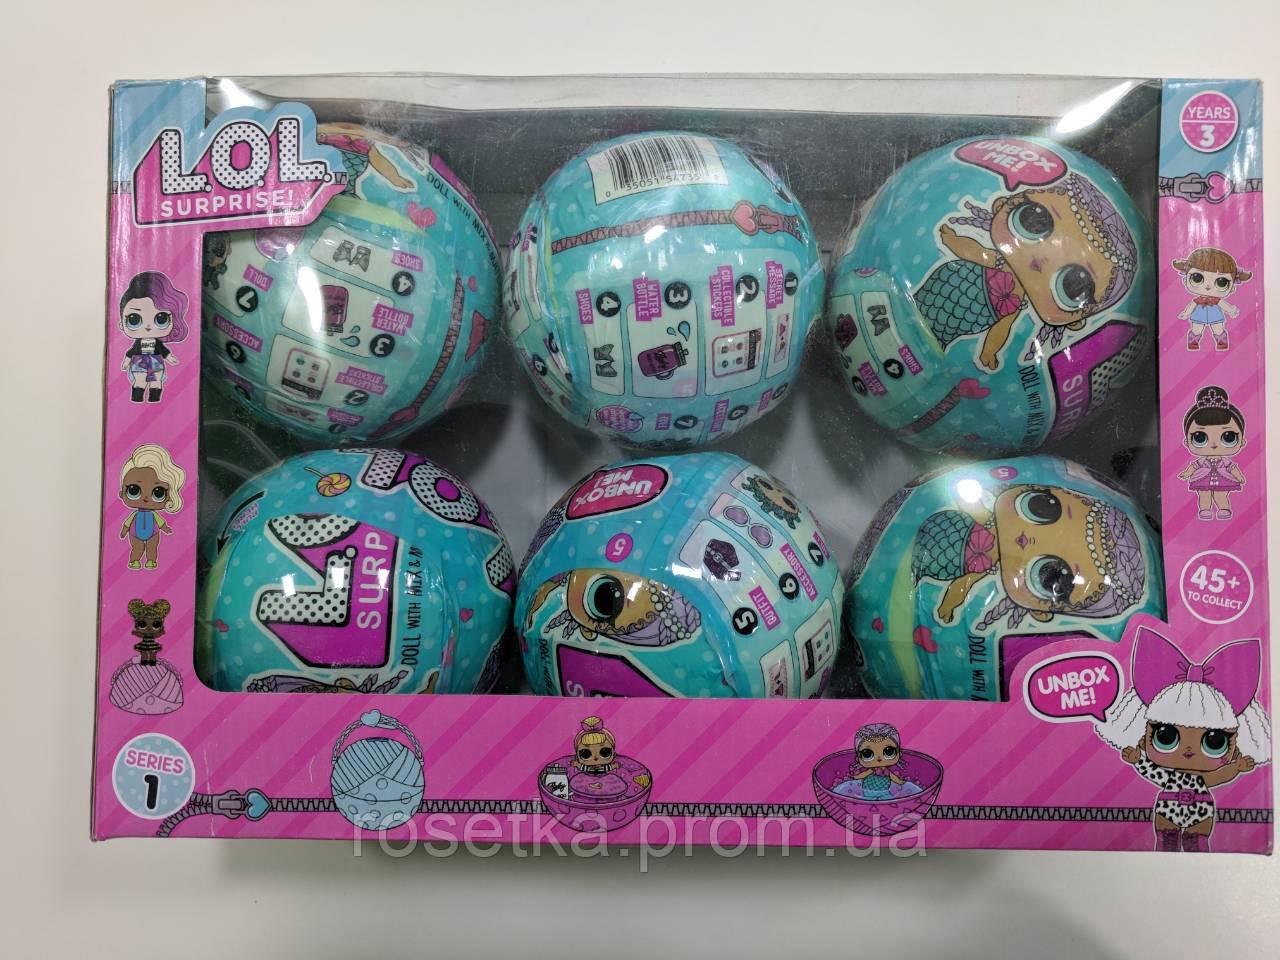 Игрушка кукла в шаре LOL Surprise doll с аксессуарами 6 шт./уп., 1 серия